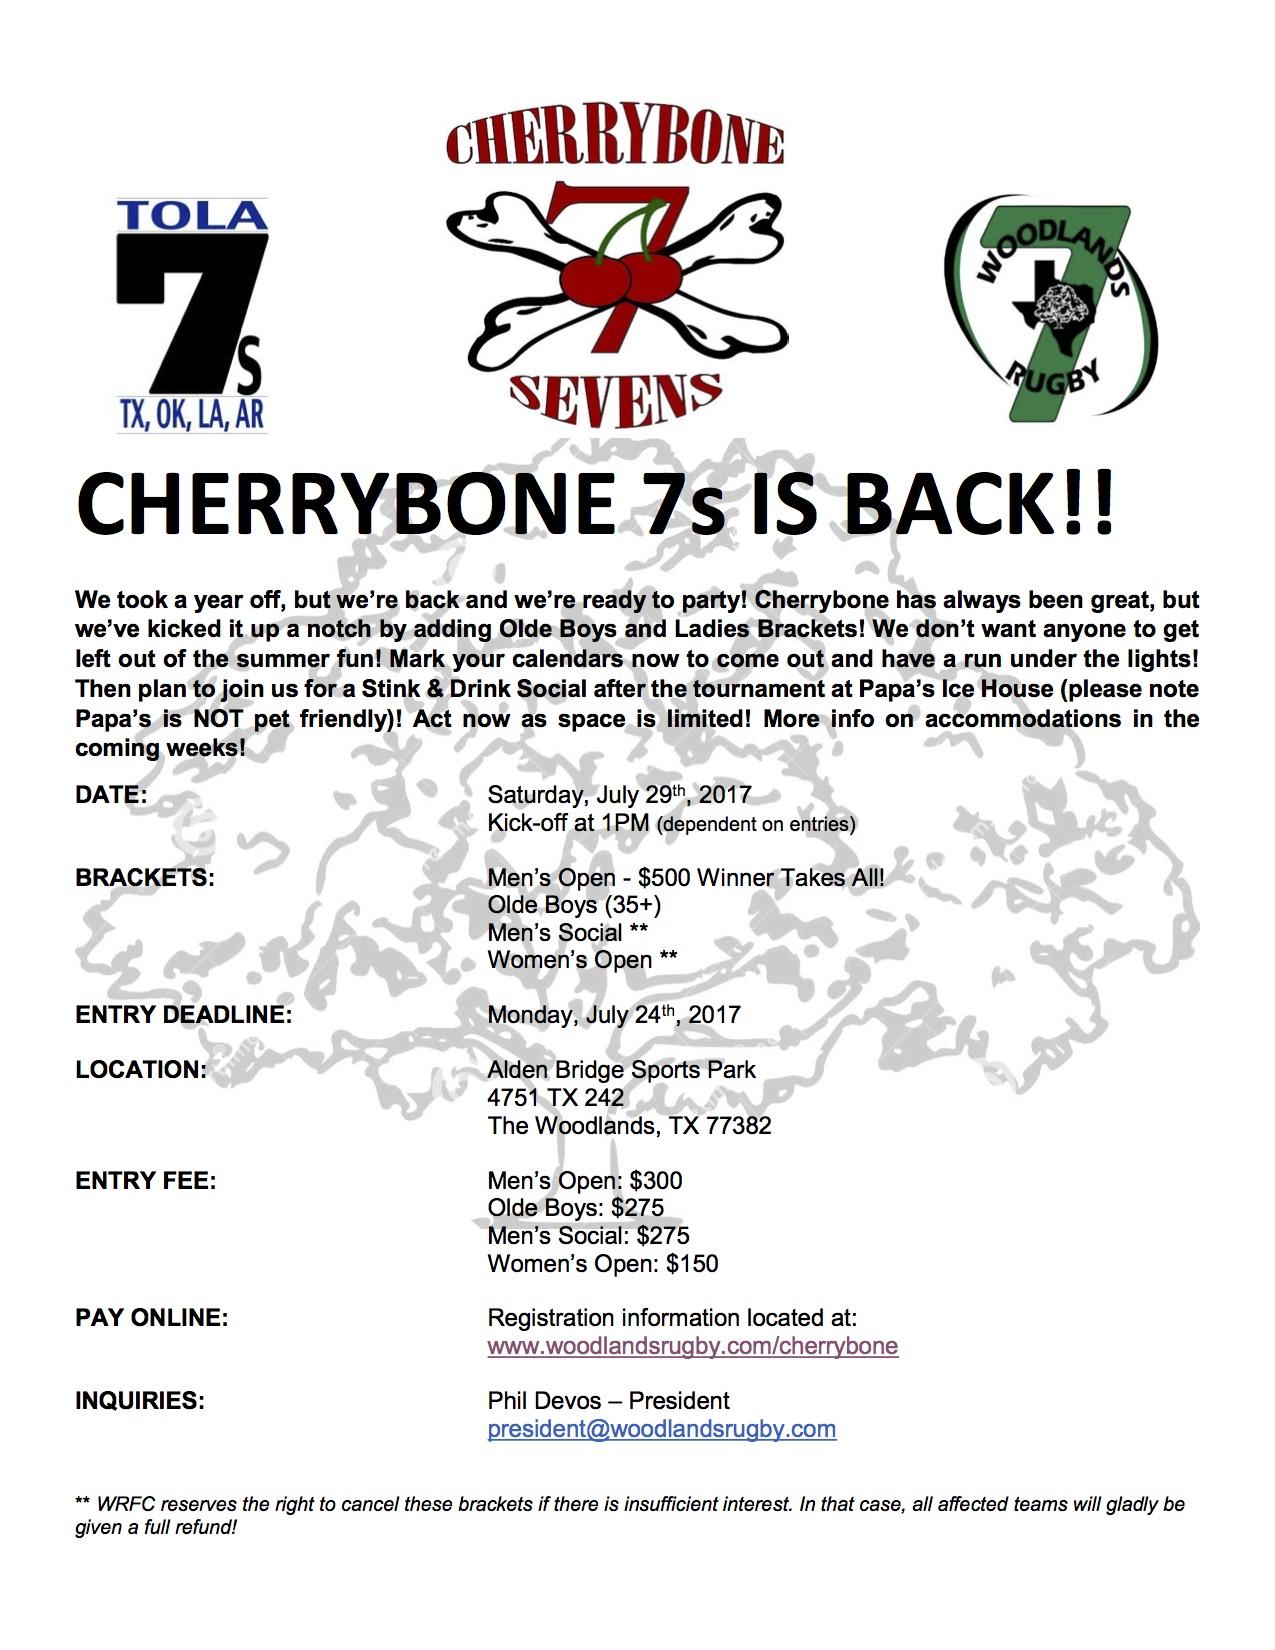 Cherrybone 7s